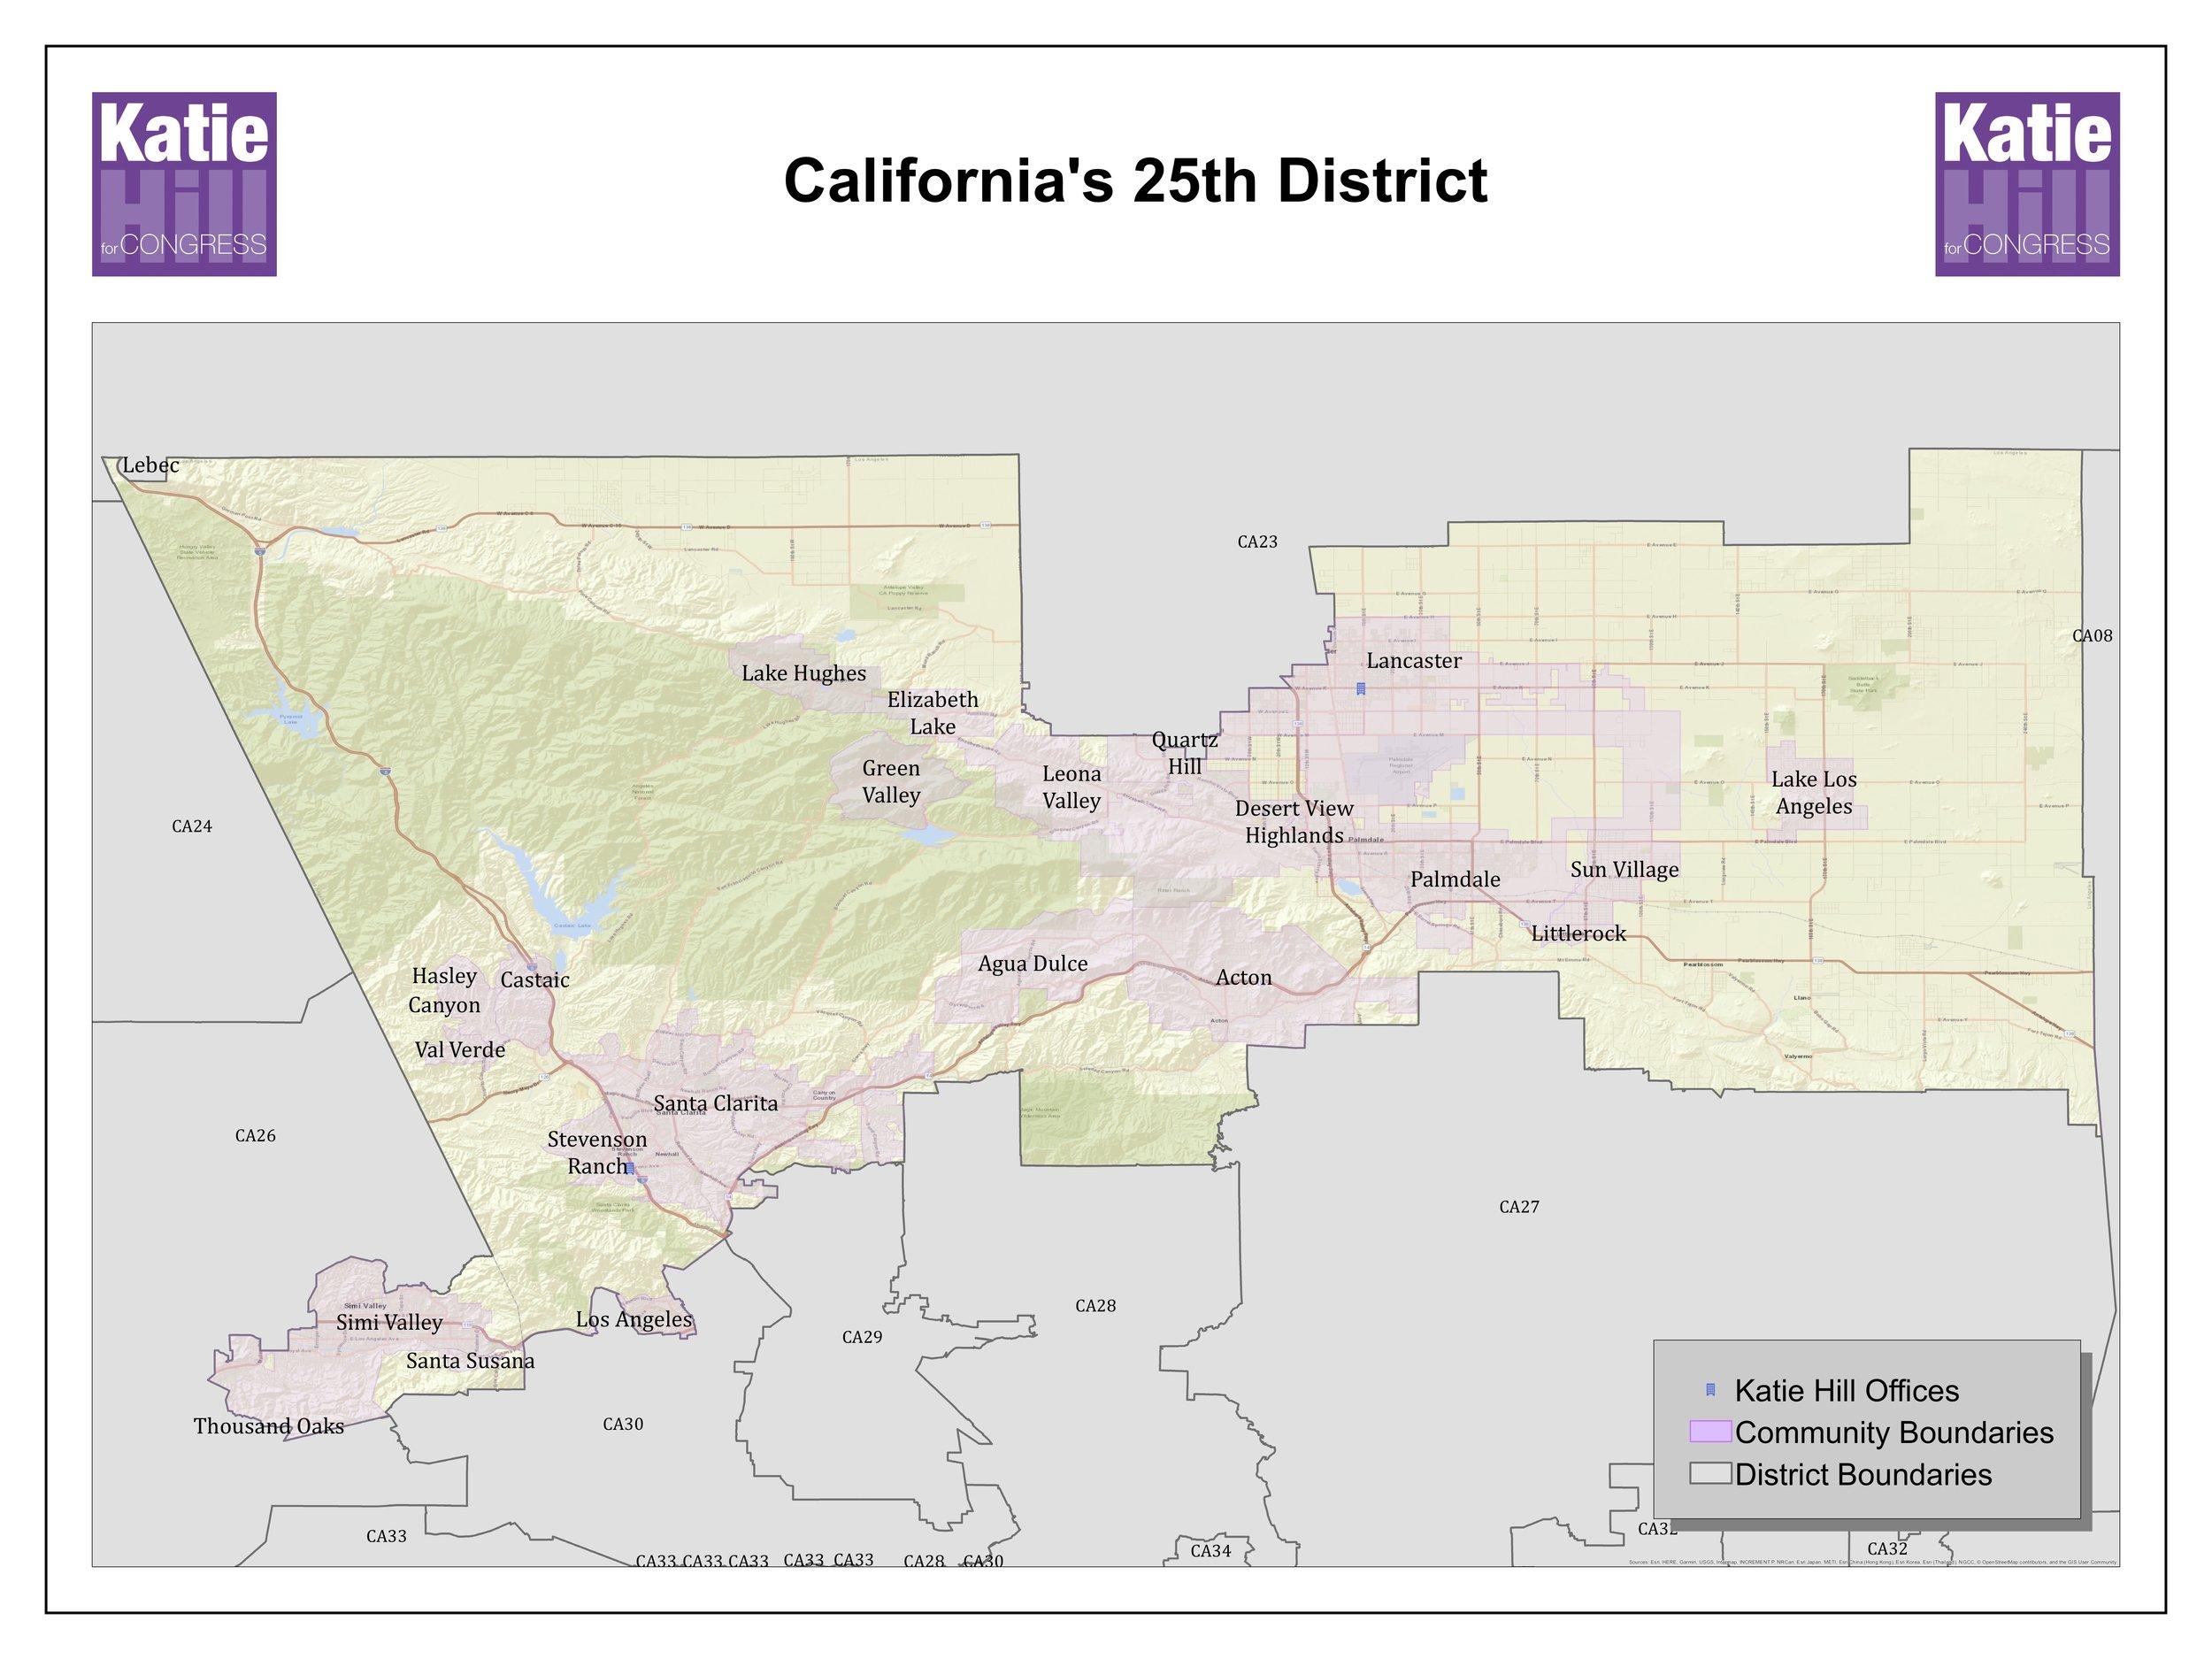 Map Design: Alison Thieme